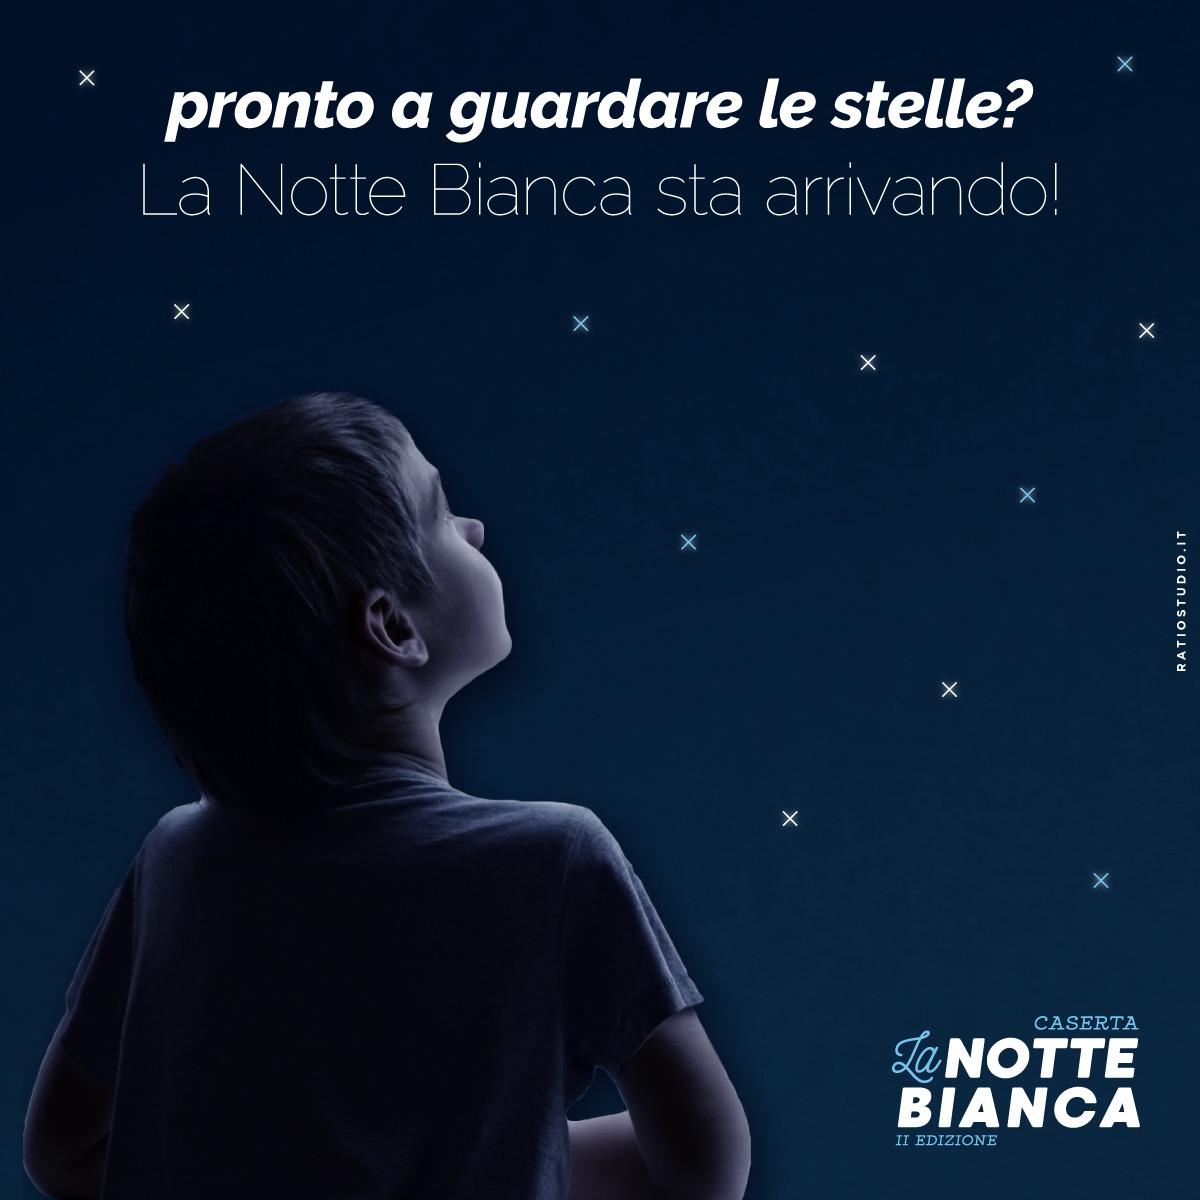 Torna la Notte Bianca a Caserta: sabato 8 dicembre presso le piazze principali della città